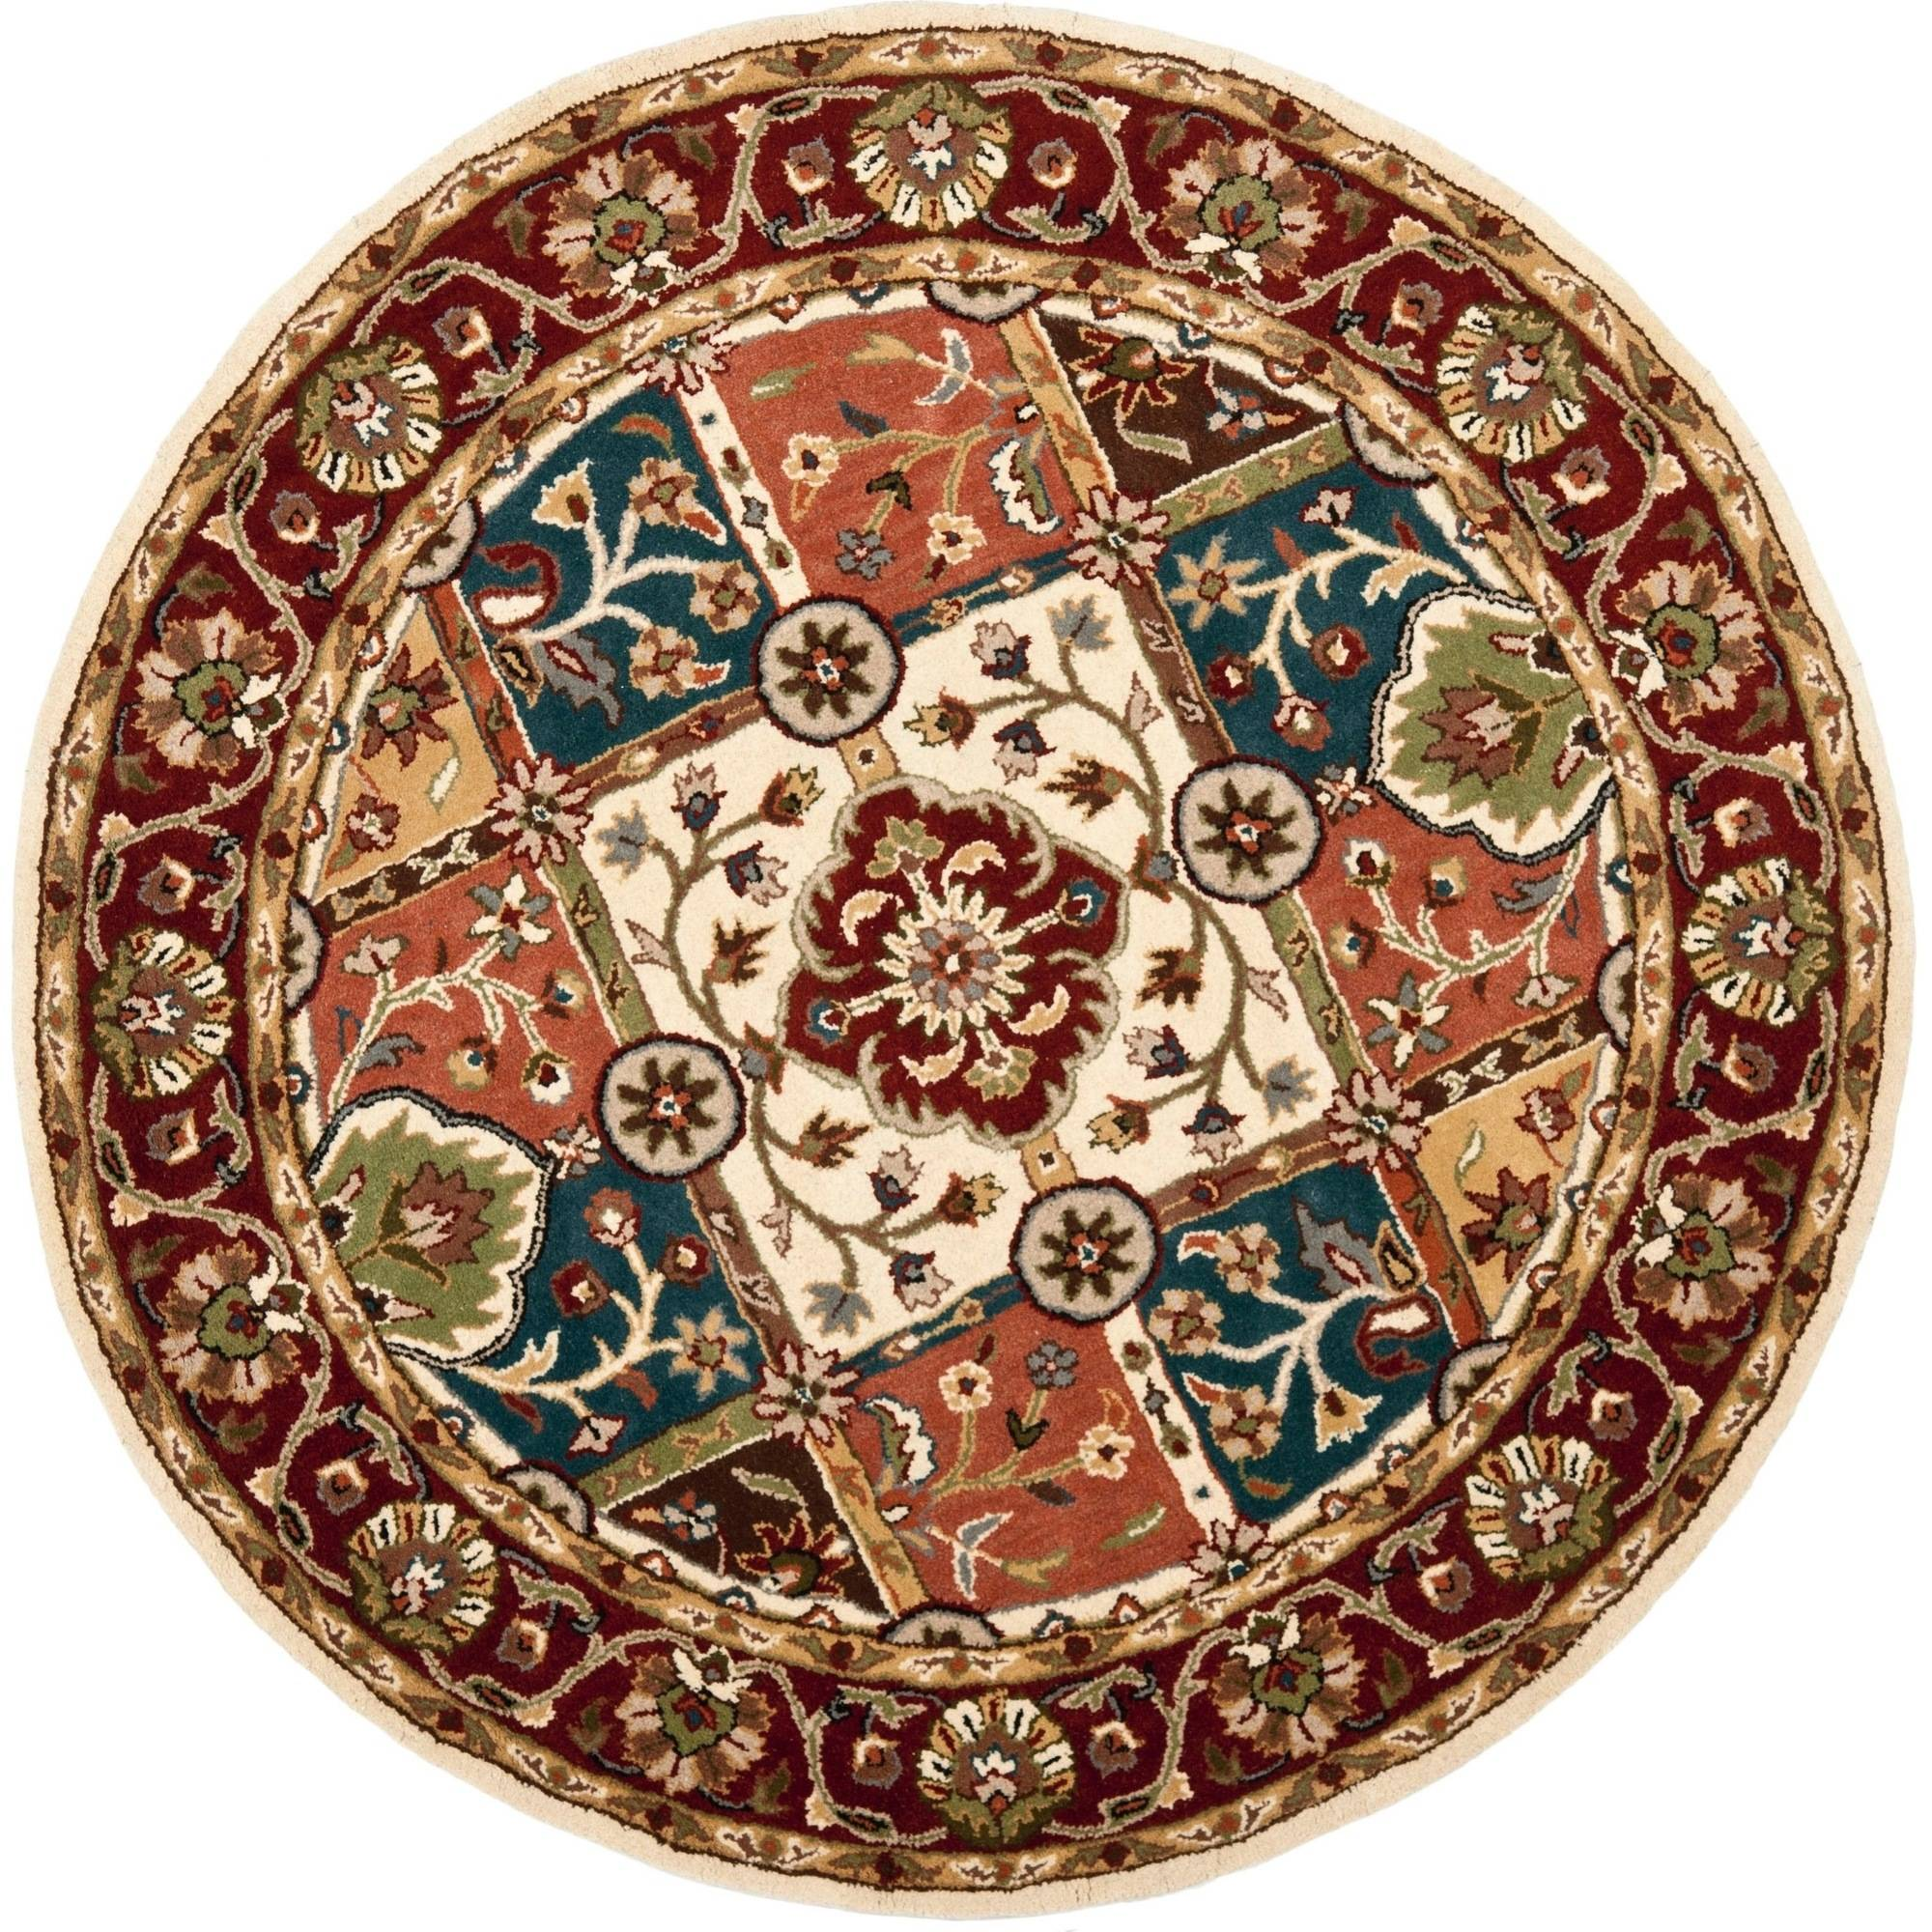 Safavieh Heritage Edin Hand - Tufted Wool Area Rug, Multi / Red